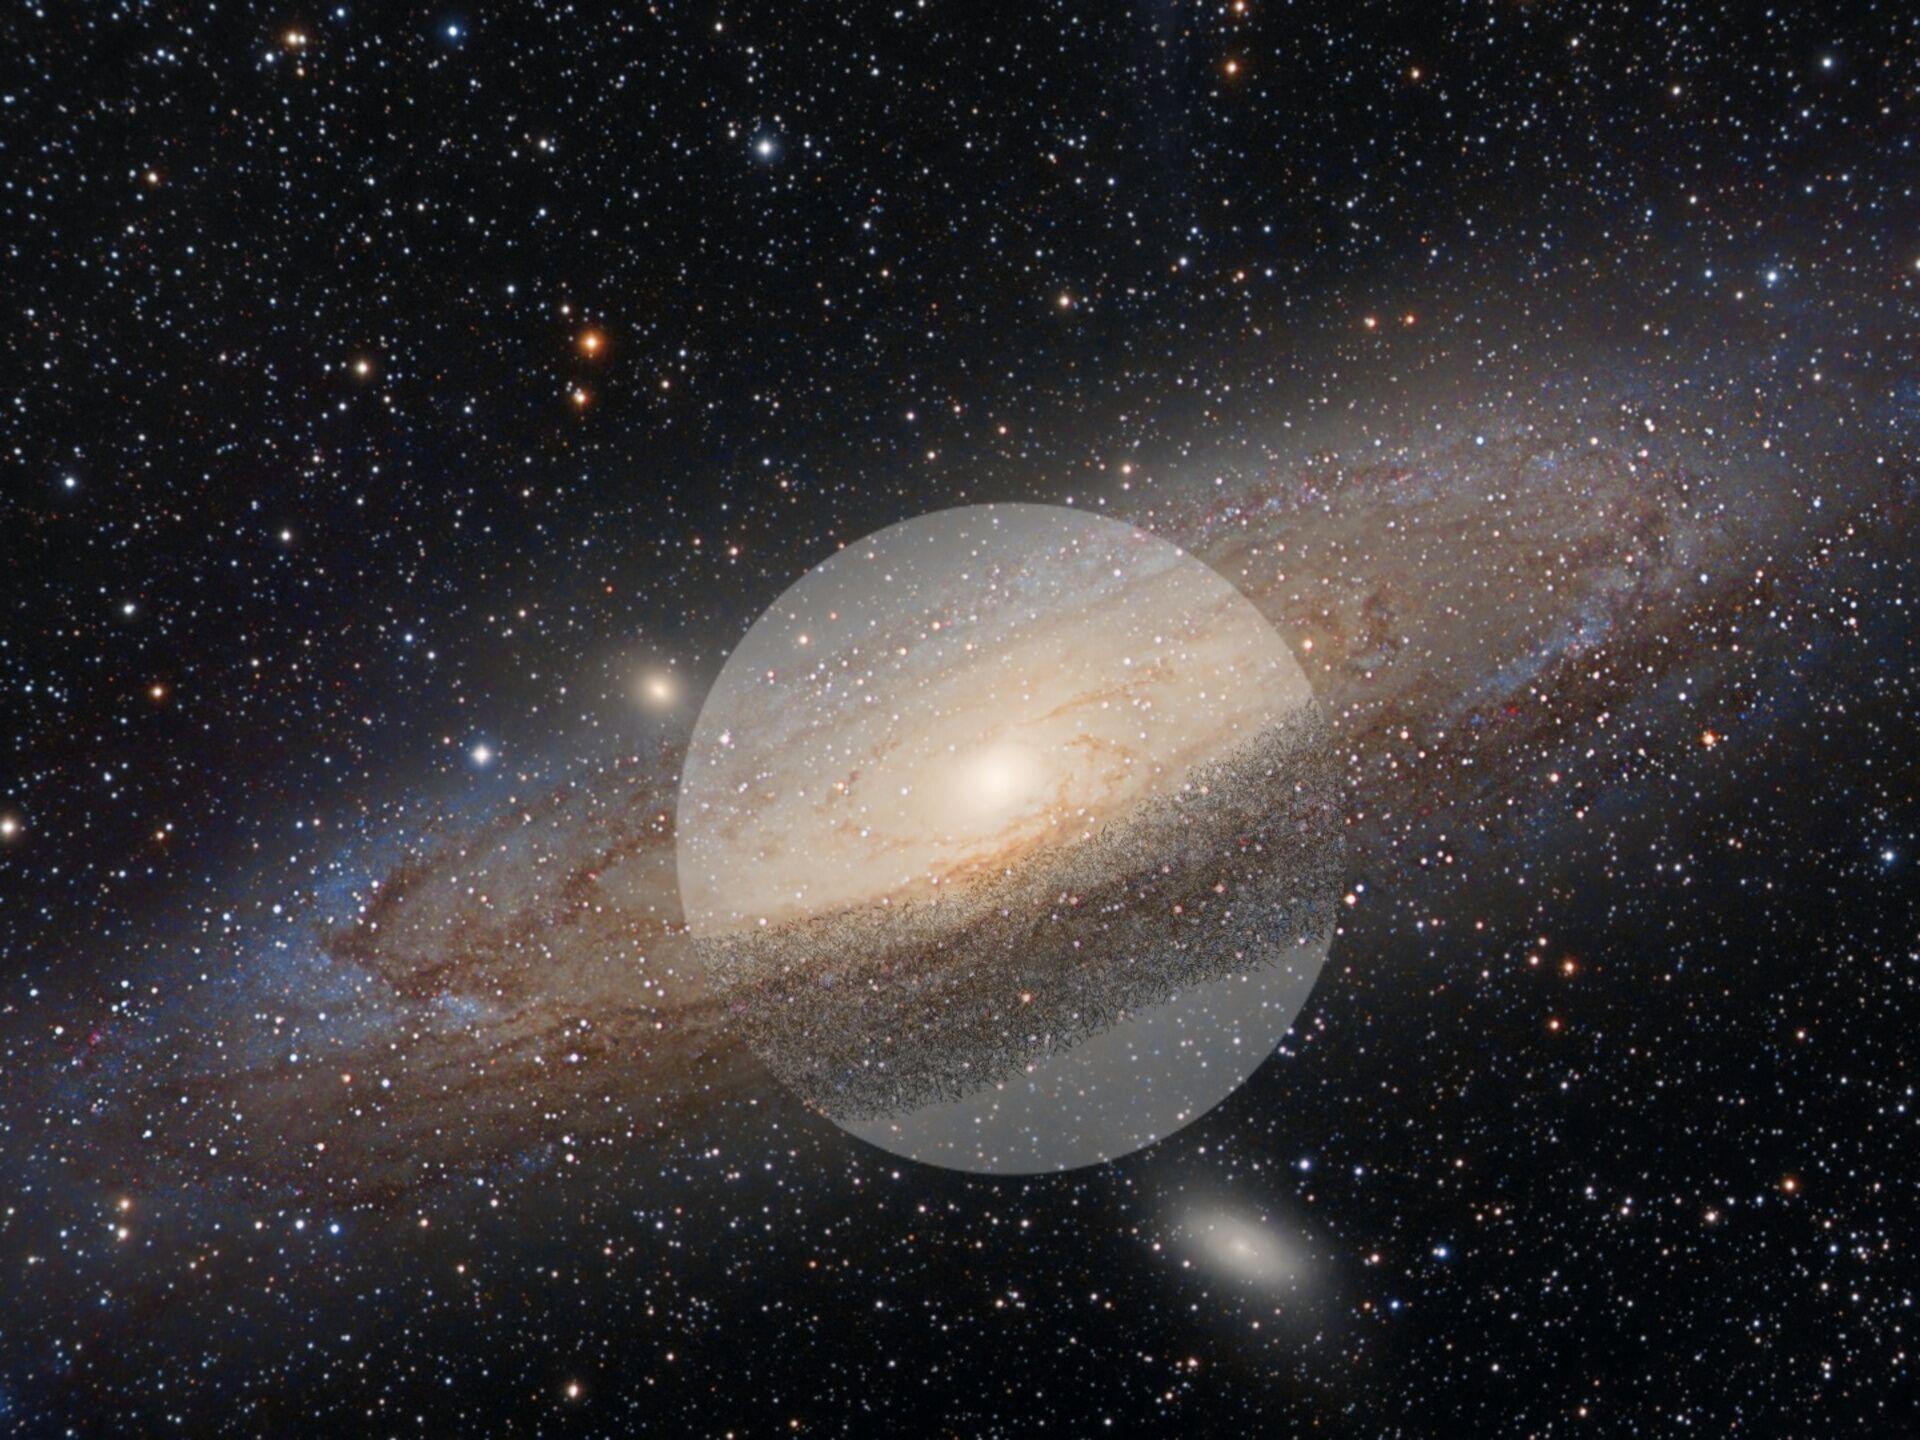 В астрологии Сатурн – покровитель трудолюбия, порядка, ответственности, преодоления препятствий